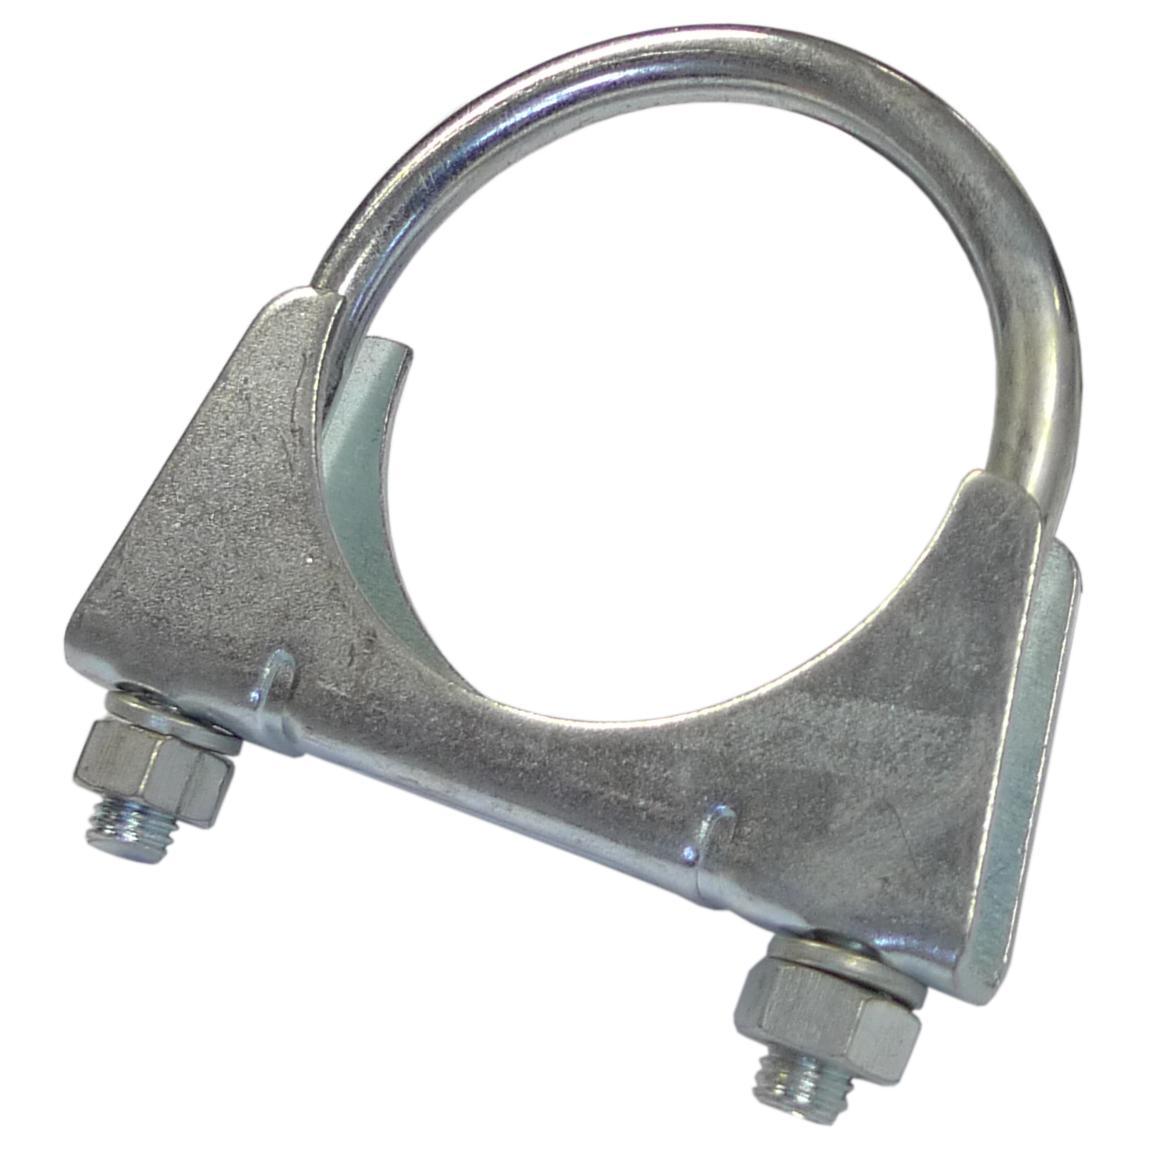 Exhaust clamp mm in mild steel from merlin motorsport